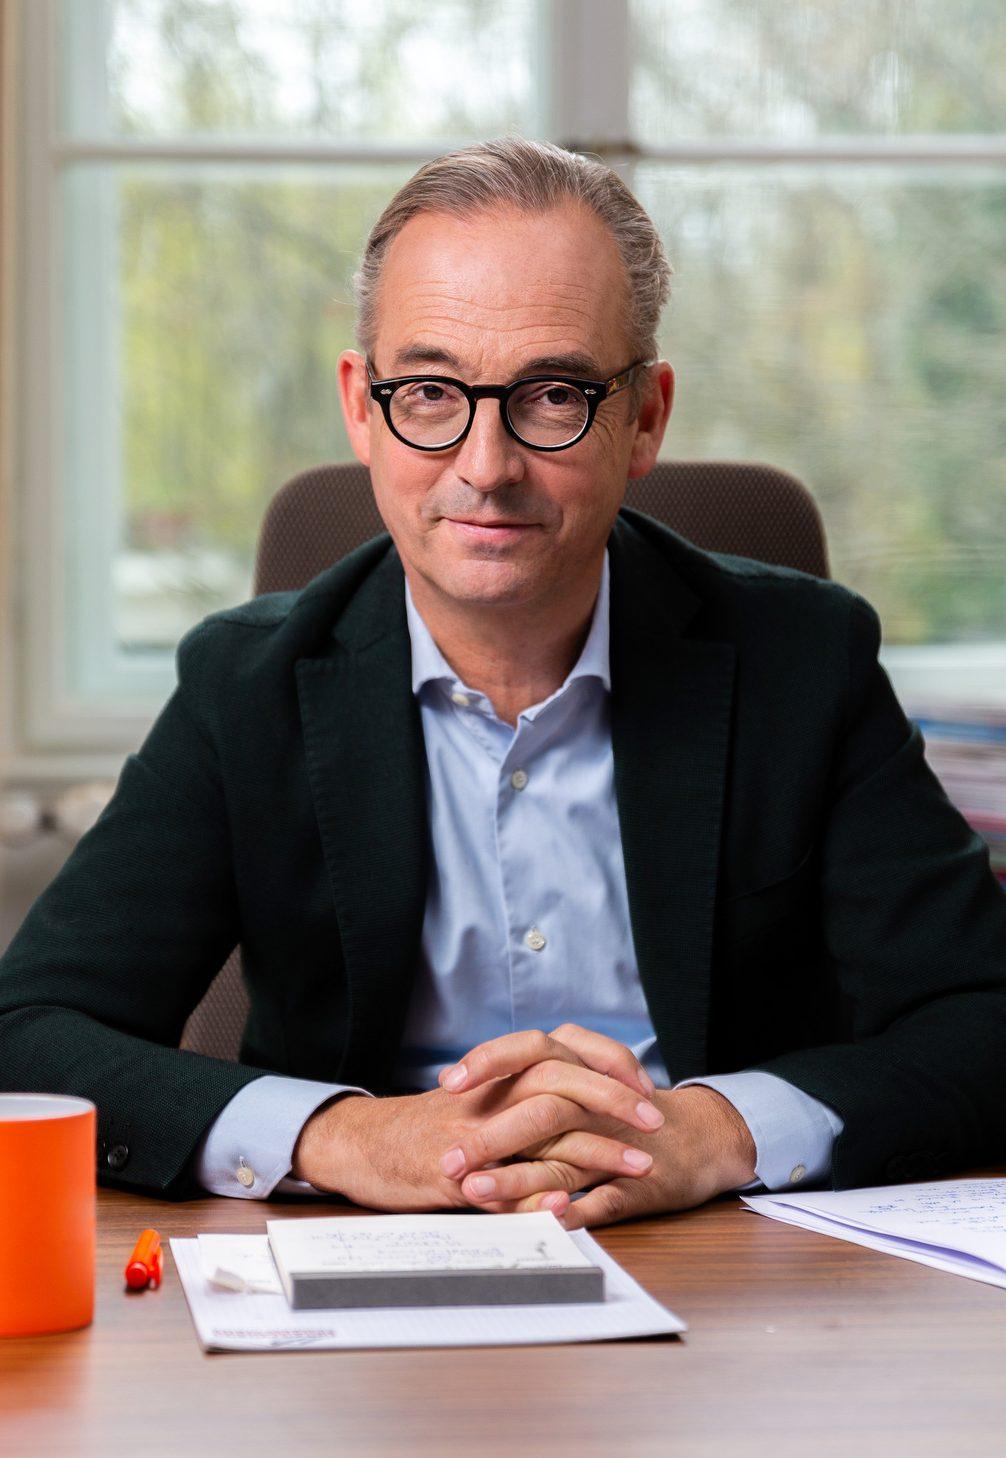 Fleischhauer - 9 Minuten netto